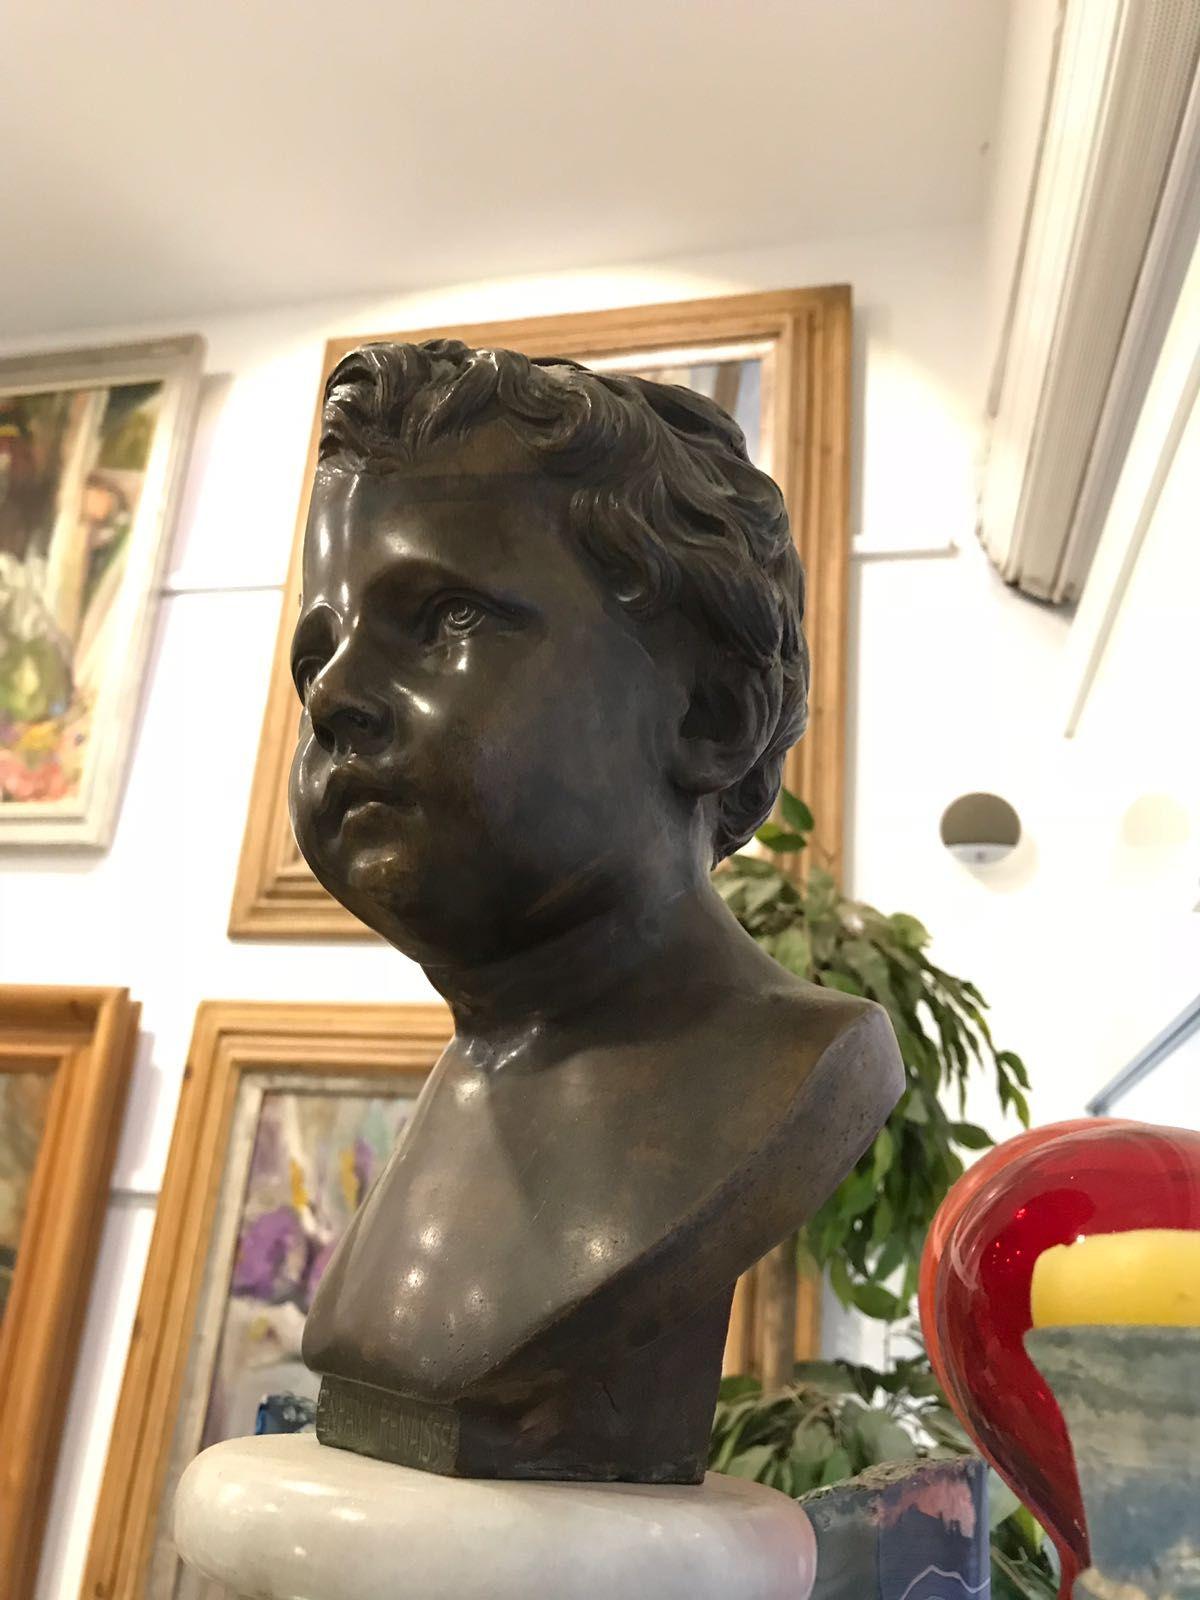 Foto 13 de Galerías de arte y salas de exposiciones en Cartagena | Arte & Antigüedades Federico Robles Perez